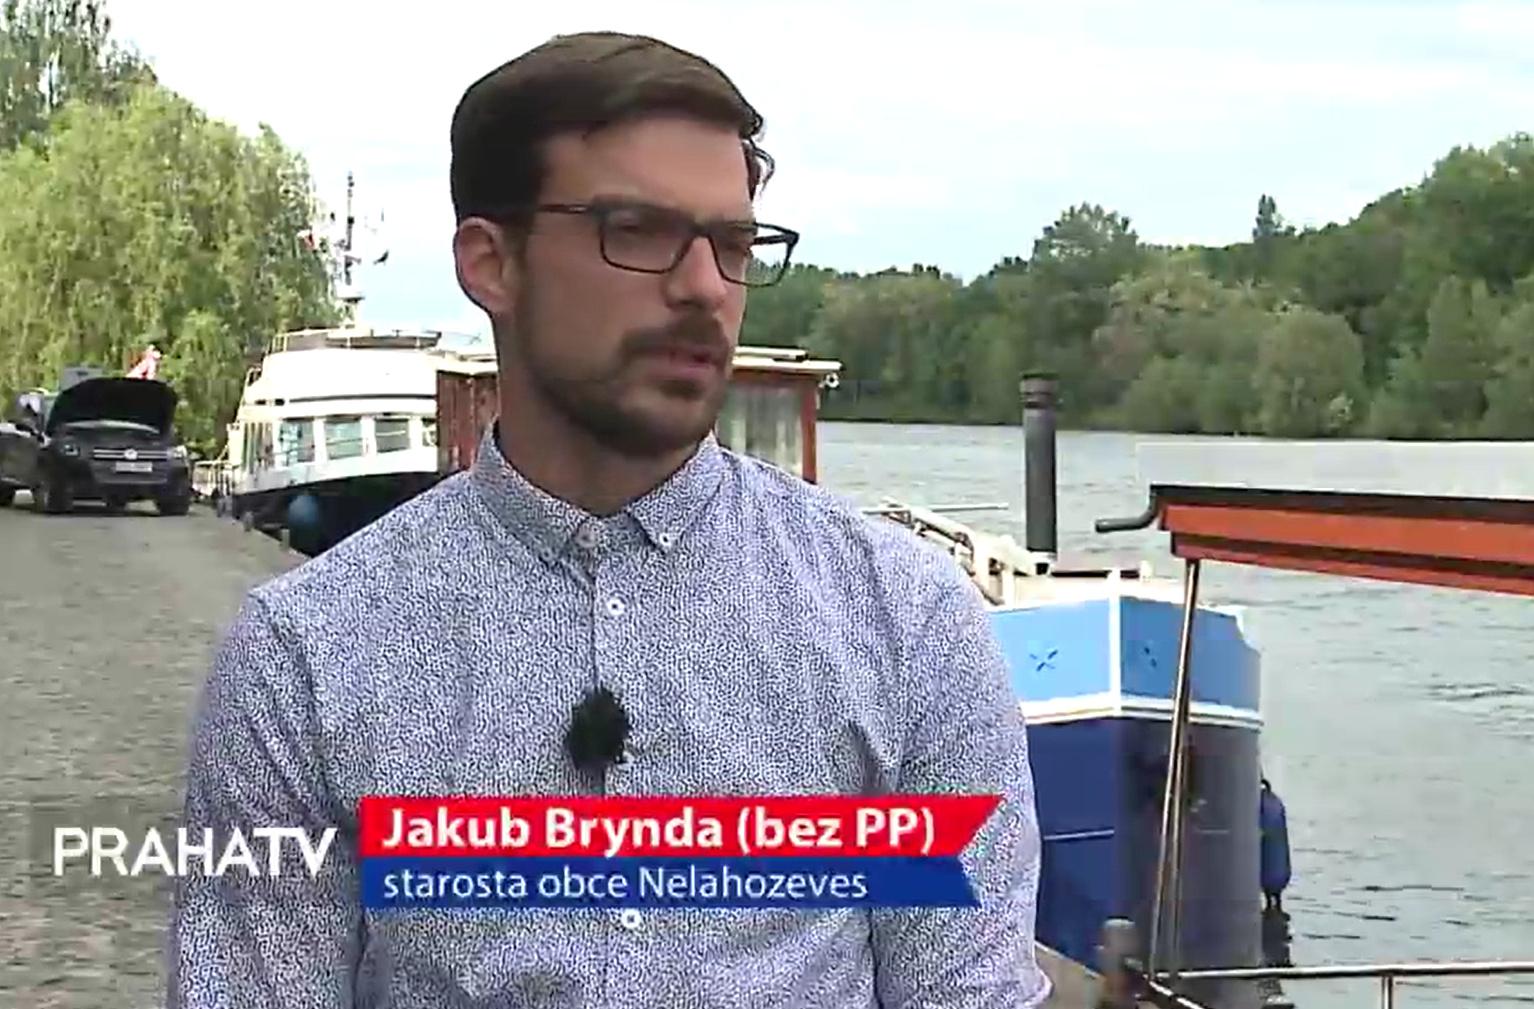 brynda